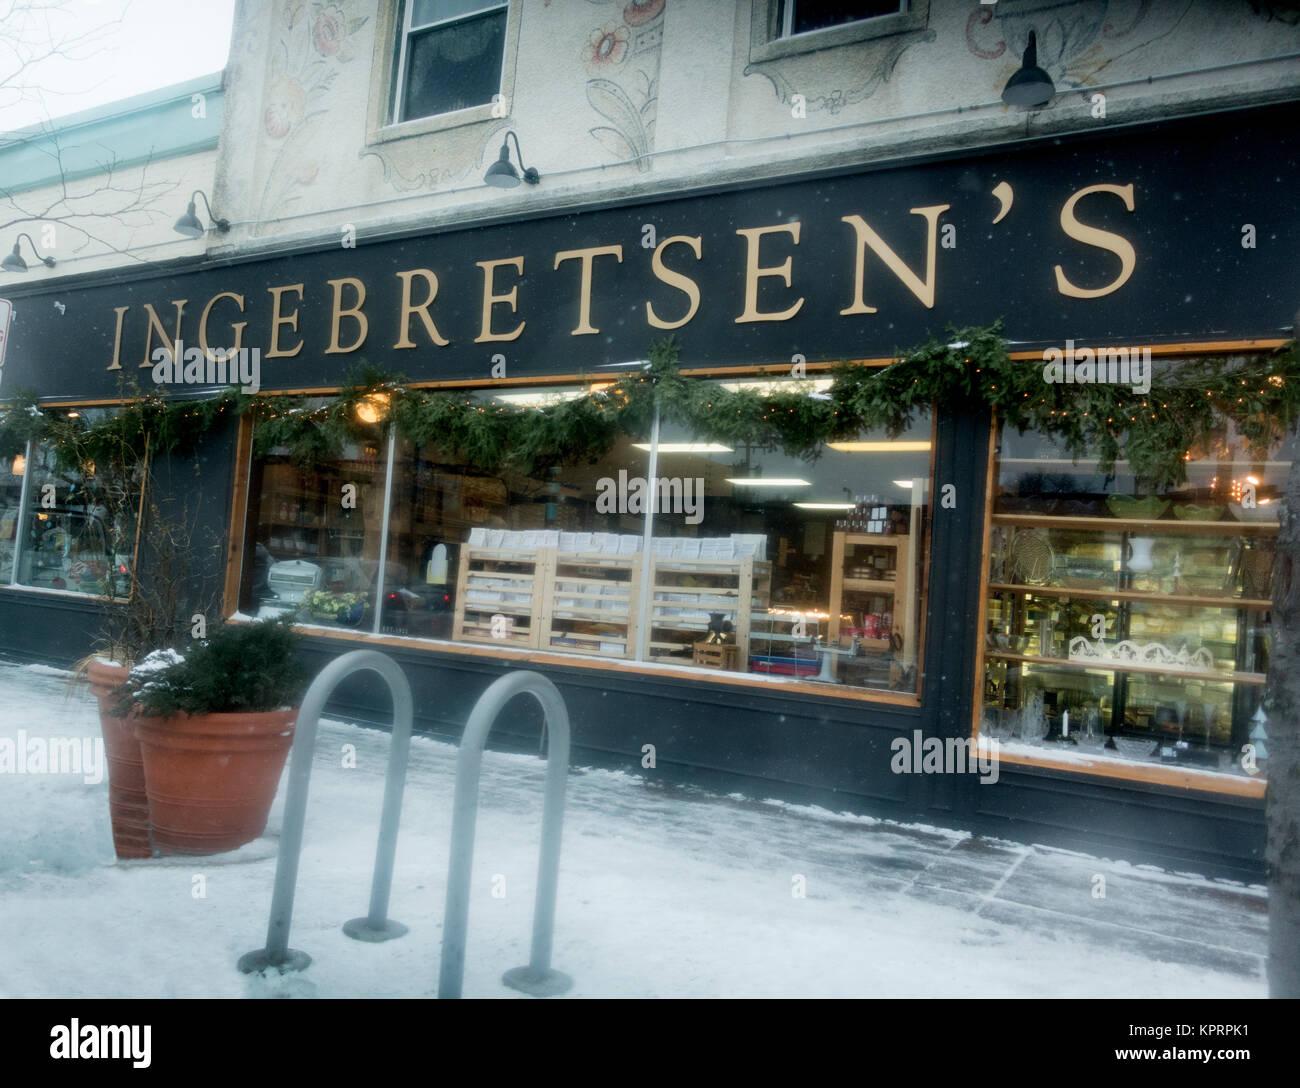 La Ingebretsen Escandinavia Foods & regalos. MN de Minneapolis, Minnesota, EE.UU. Foto de stock